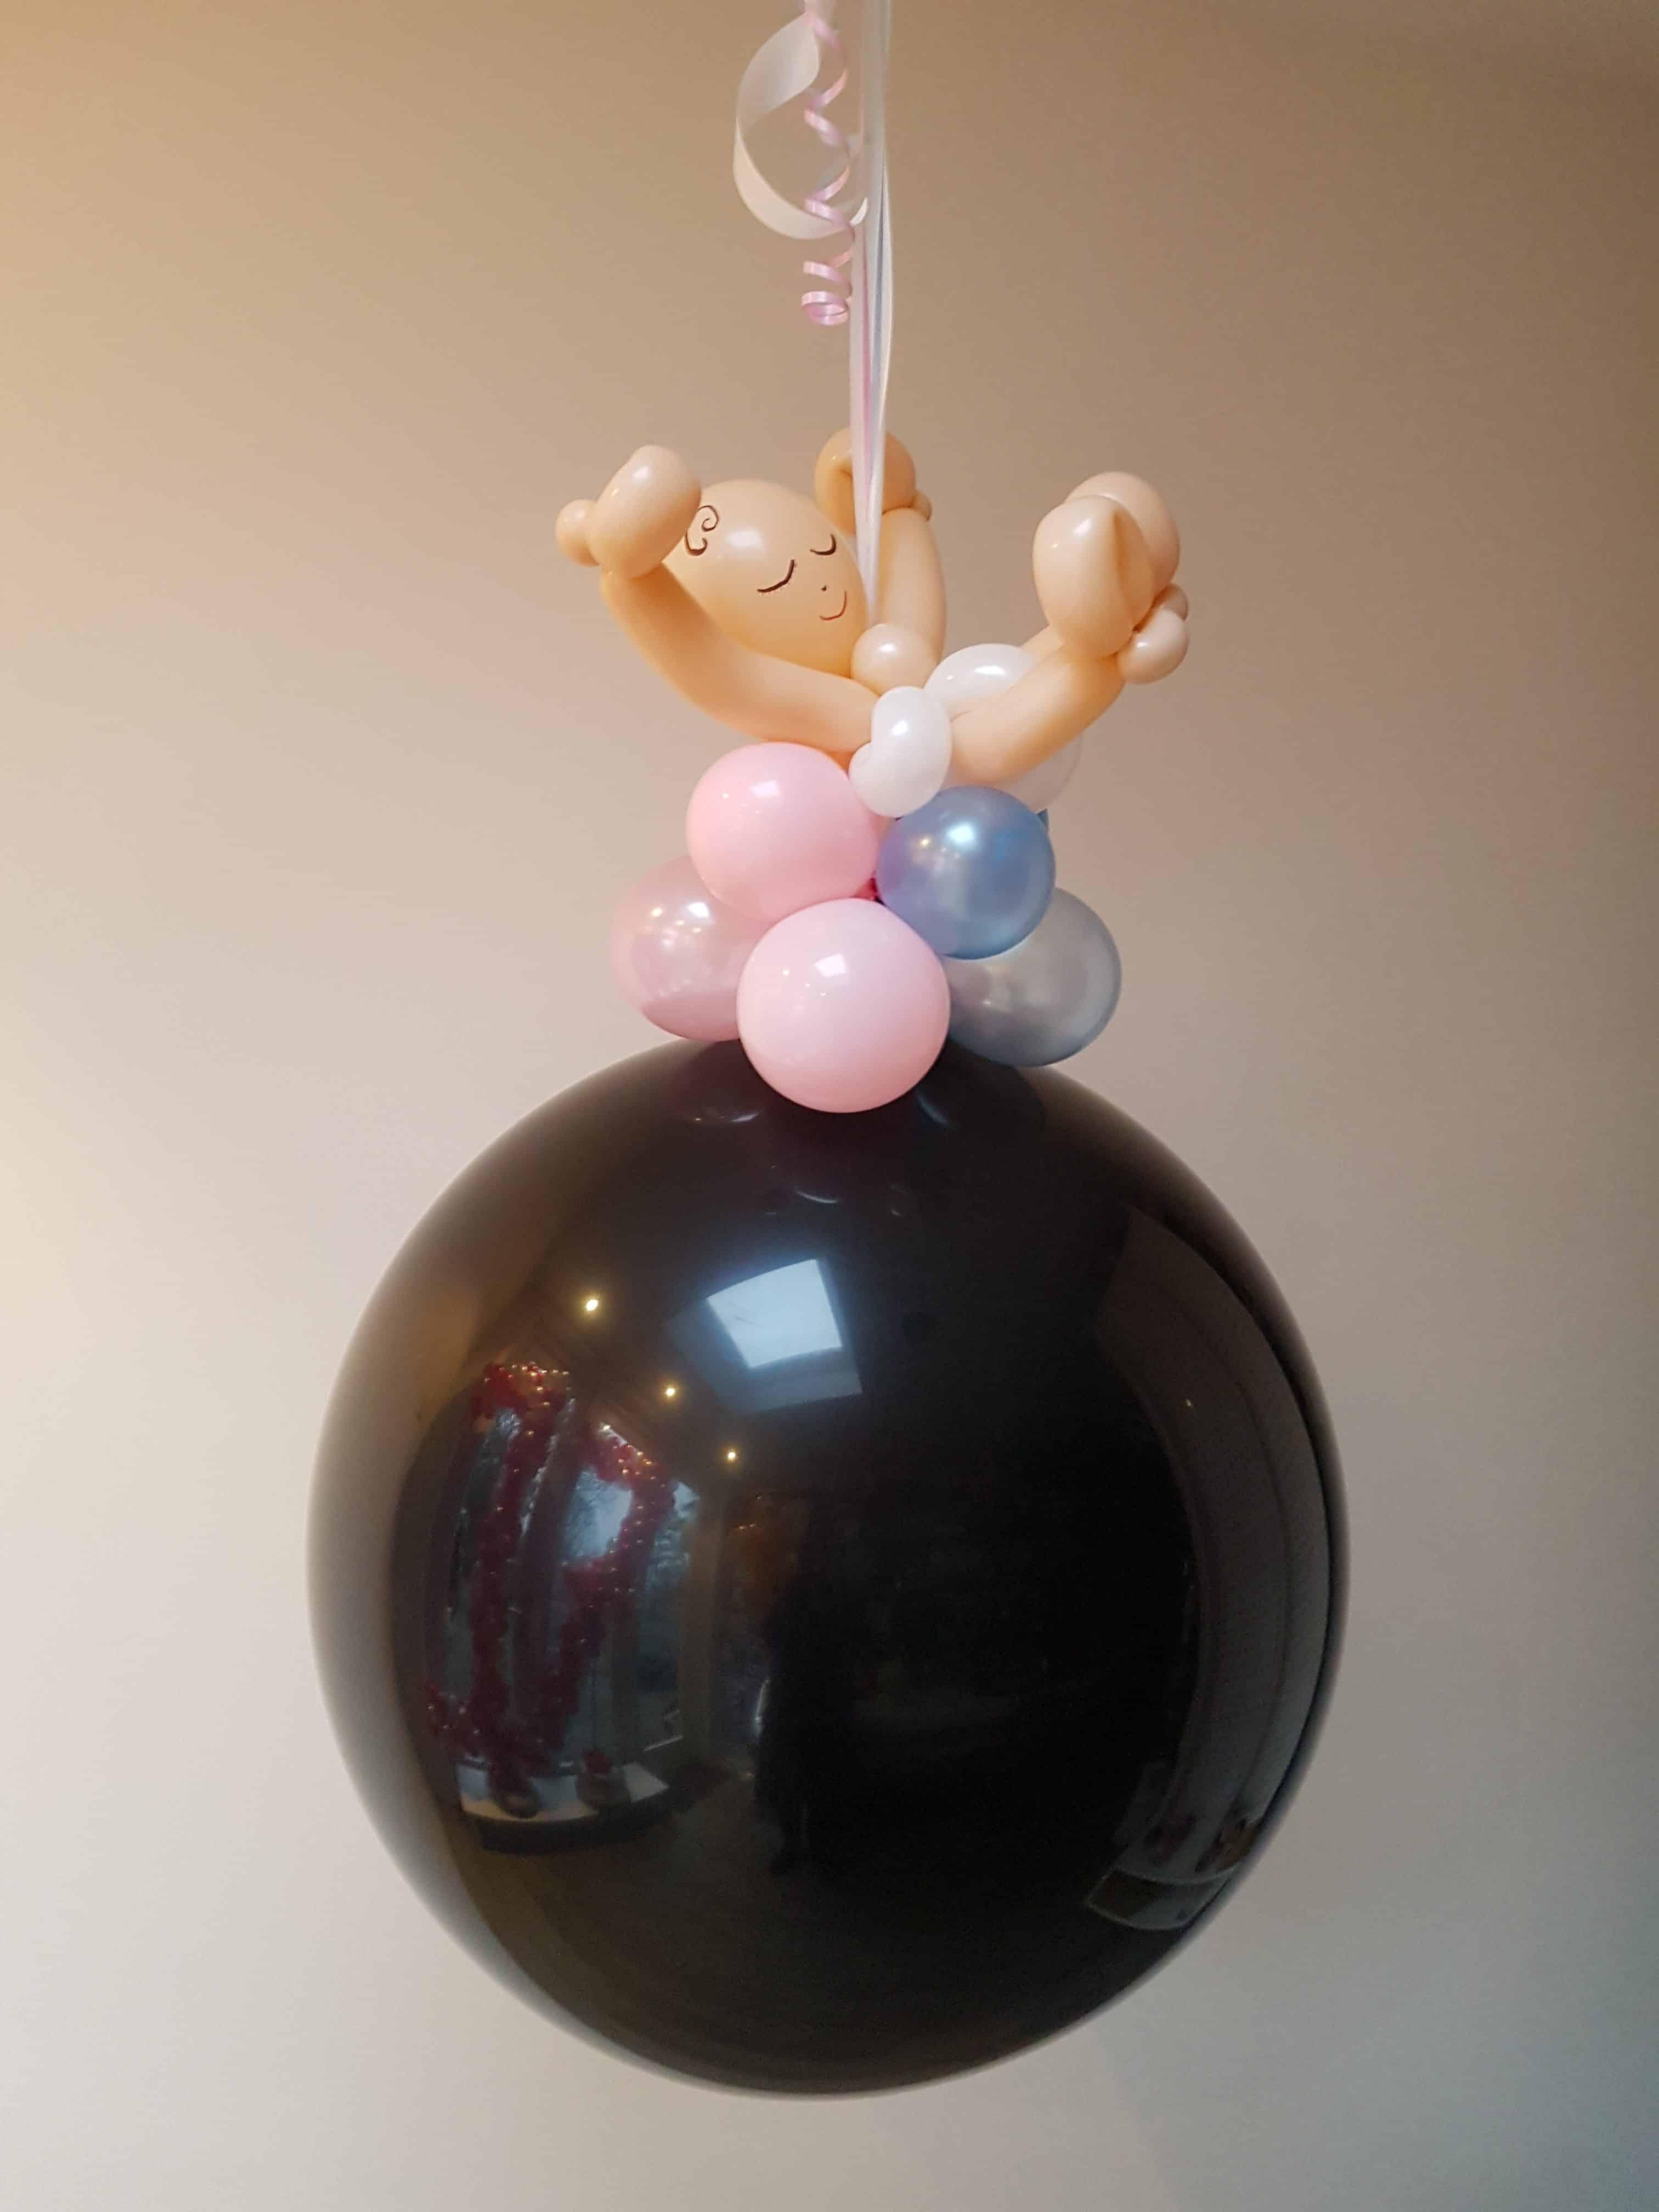 baby-geslacht-bekend-maken-gender-reveal-ballon